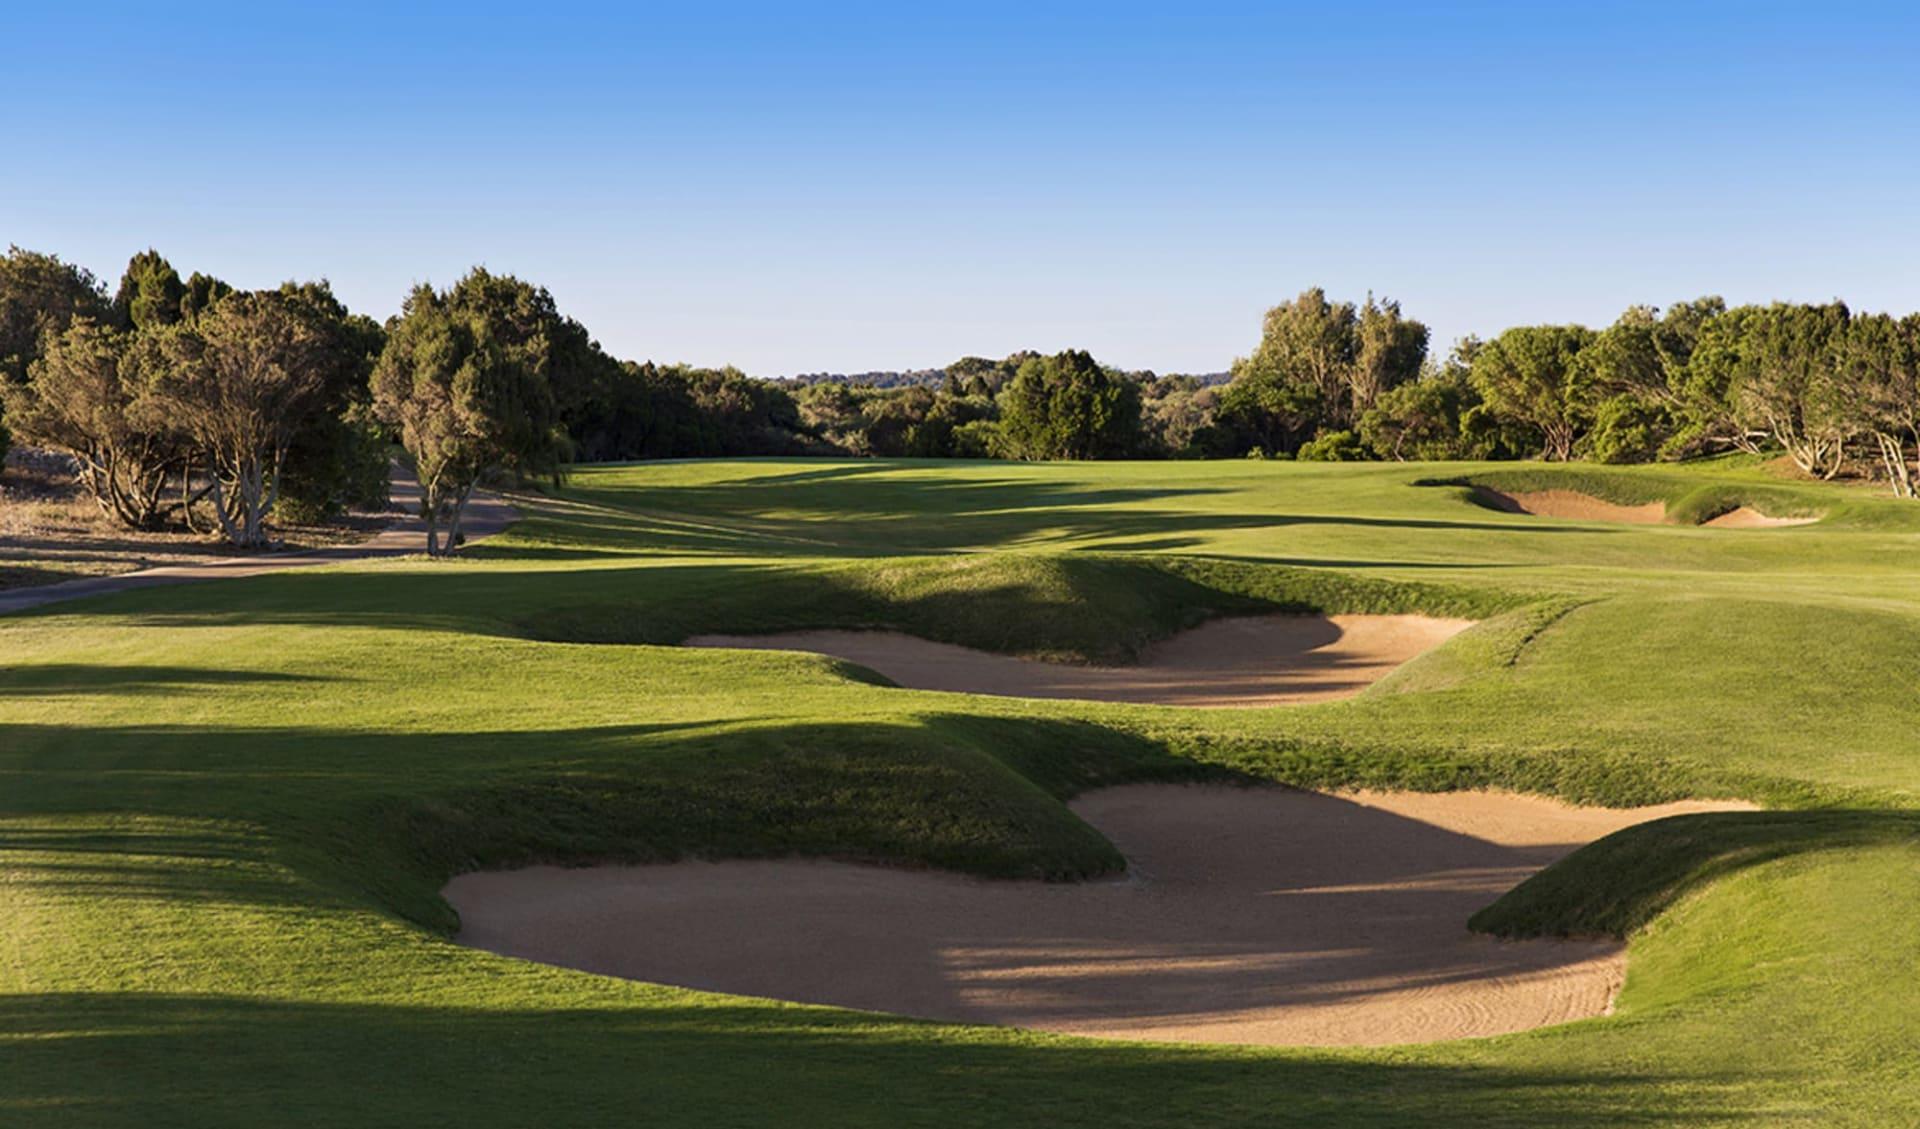 Sofitel Essaouira Mogador Golf & Spa:  _30A6325